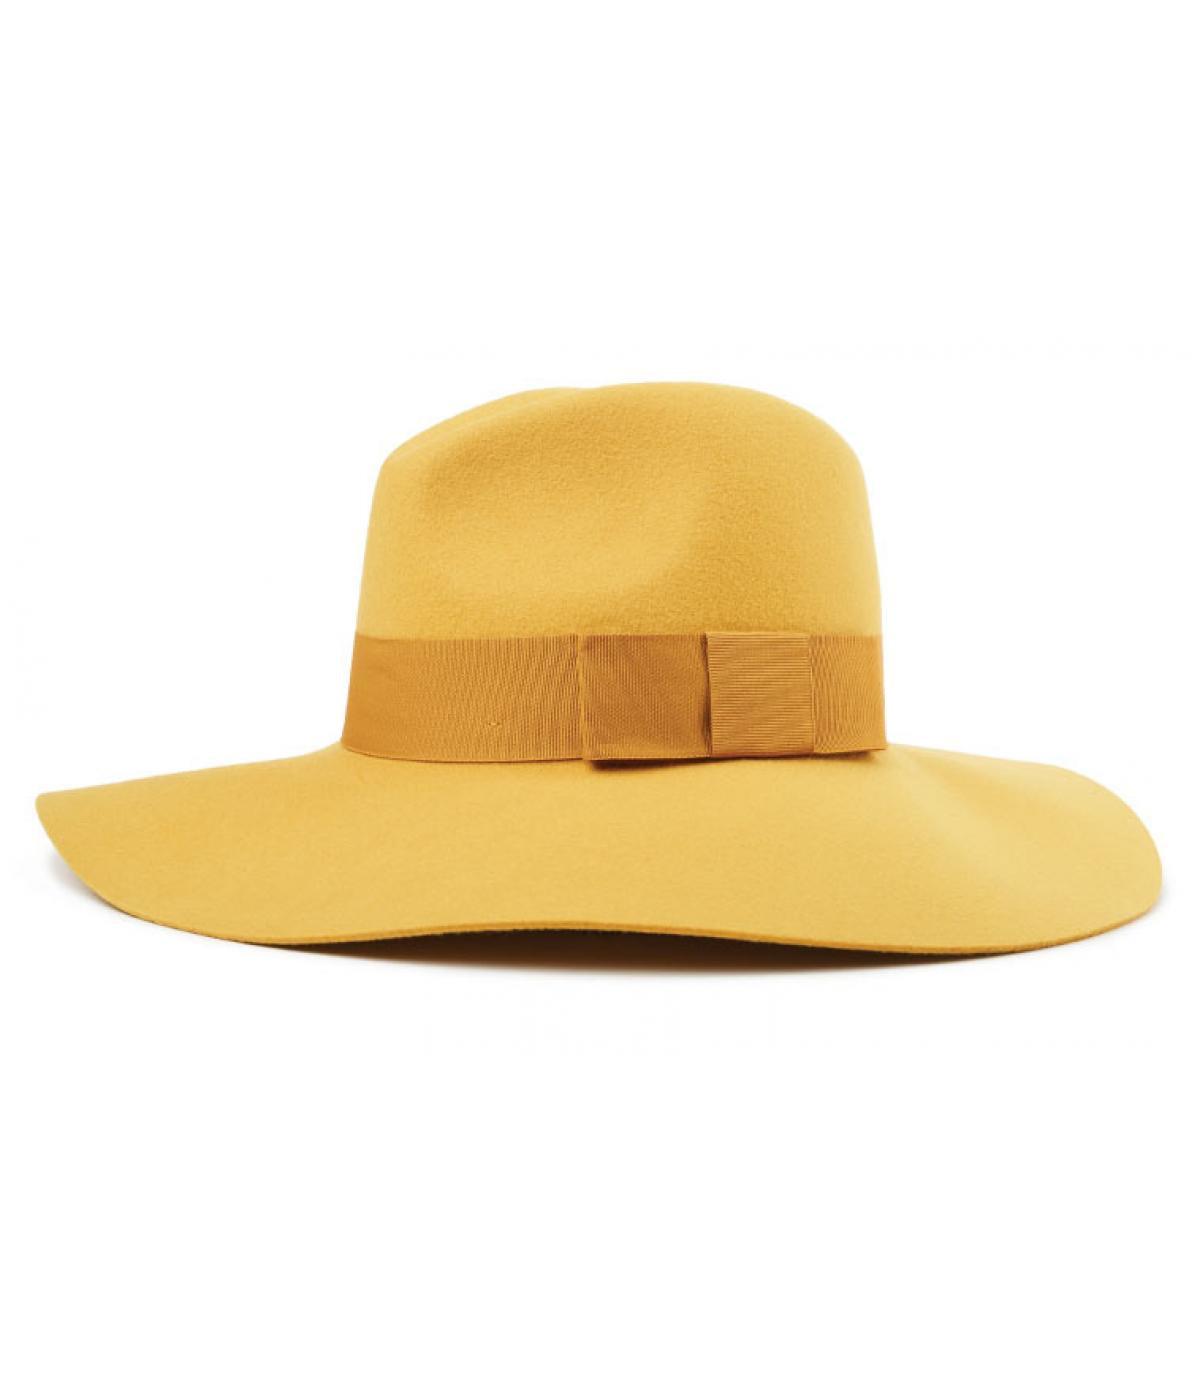 Sombrero fieltro - Compra venta de Sombreros fieltro. Primera sombrerería  en línea. Entrega en 48 72horas. ef449b37bb3